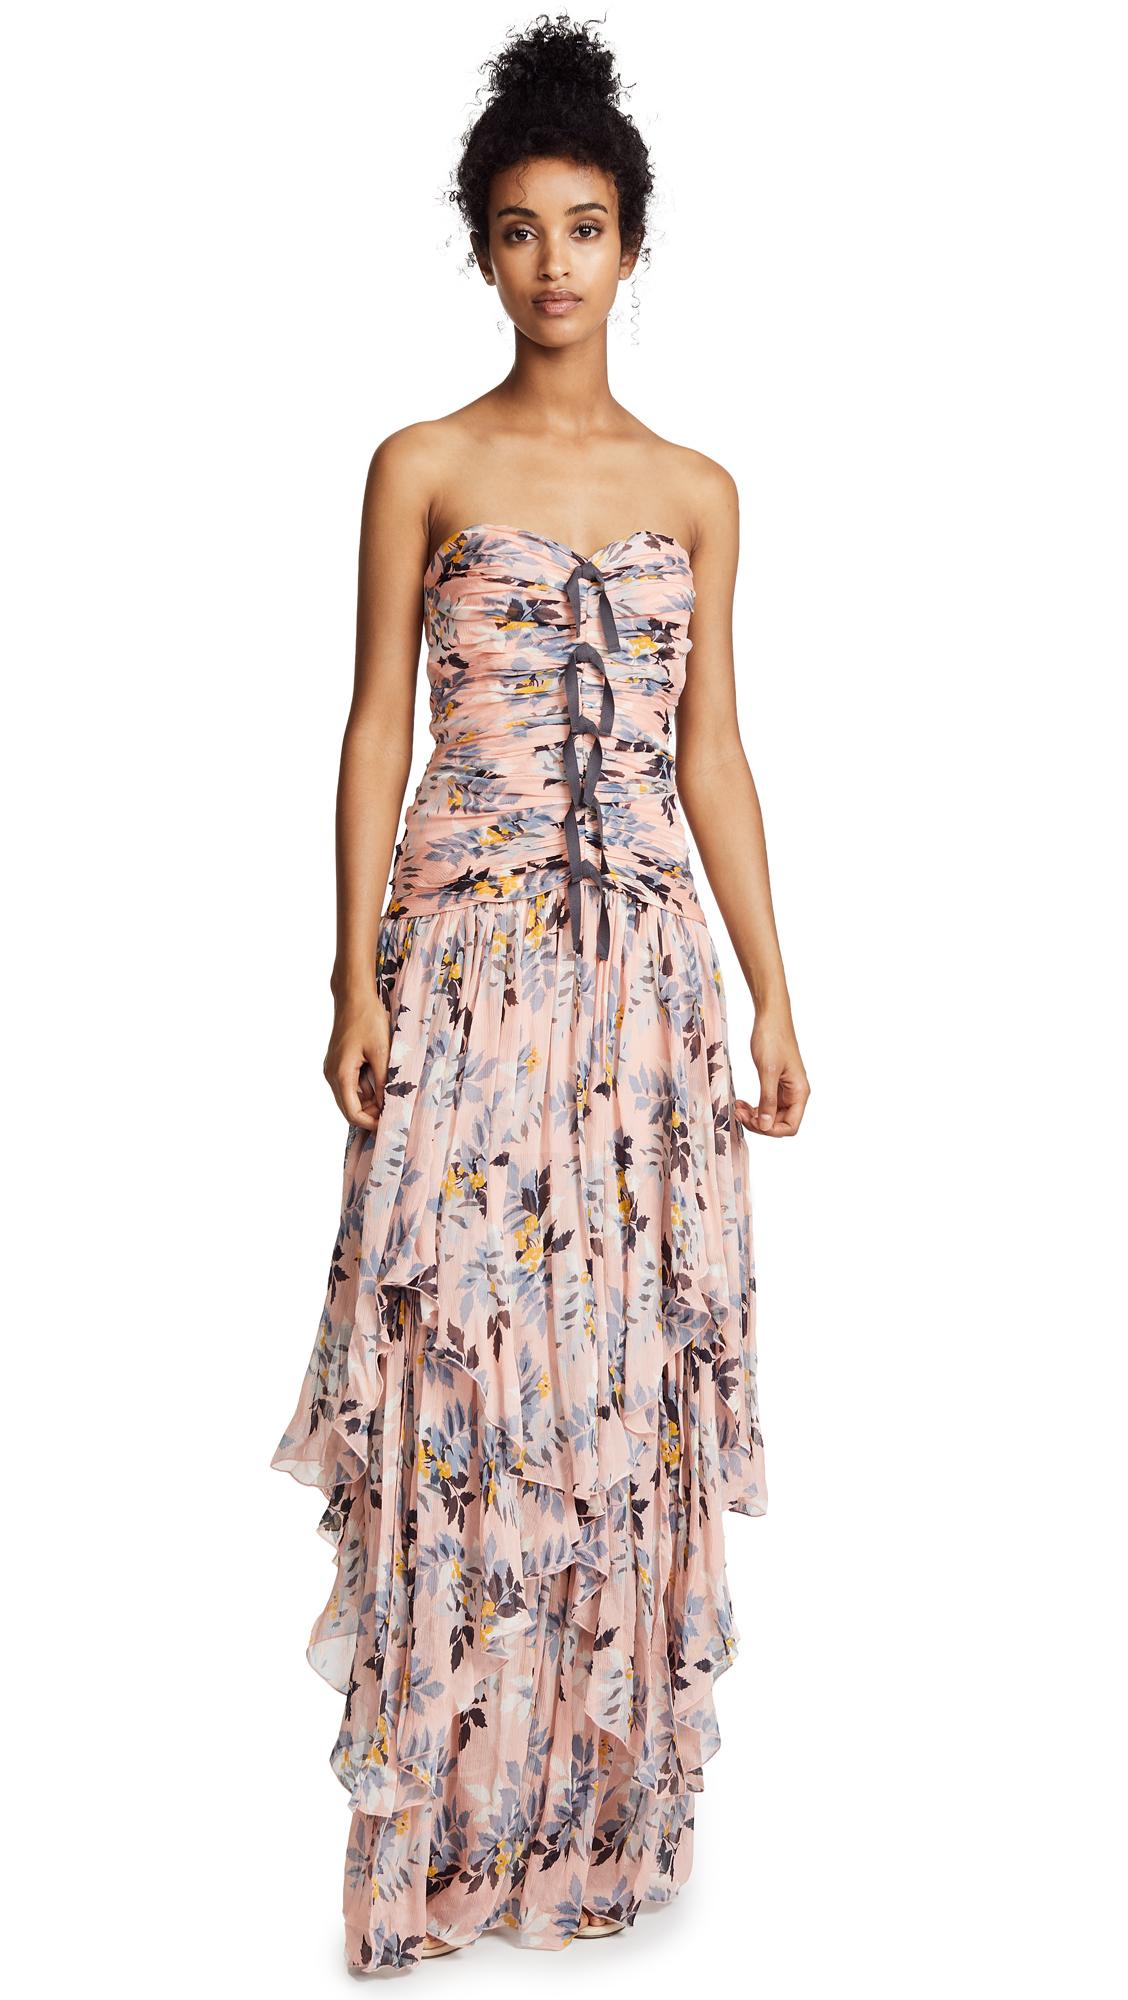 Cinq a Sept Emira Dress In Peach Bud Multi